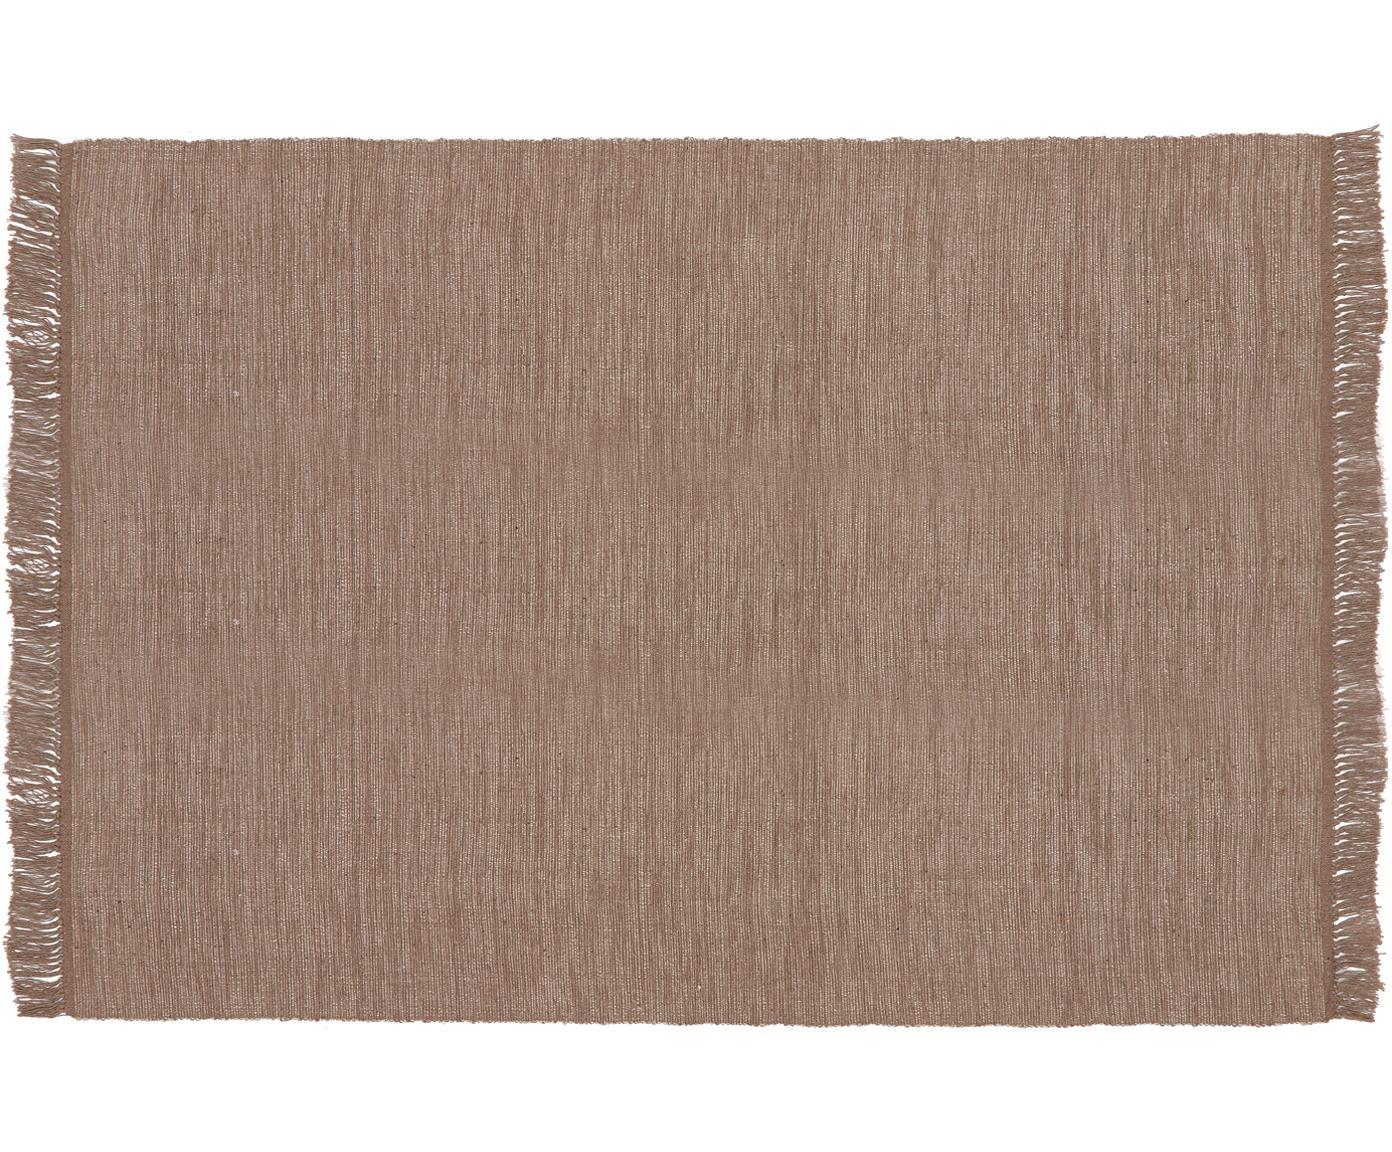 Tappeto in cotone Dag, Cotone, Taupe, Larg. 140 x Lung. 200 cm (taglia S)